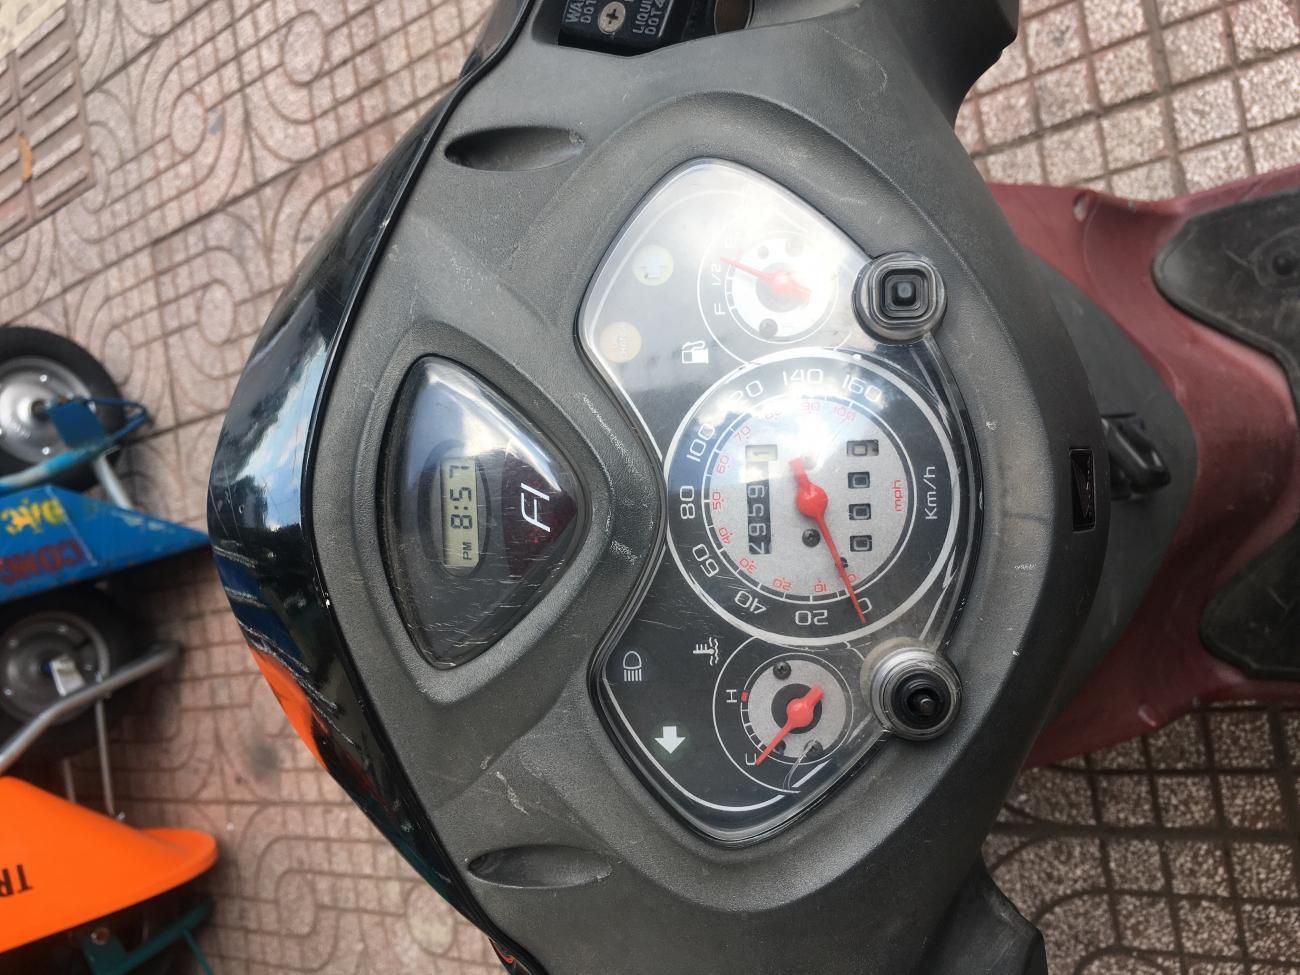 Ban xe Honda PS 150cc nhap khau mau den 35000000 d - 4